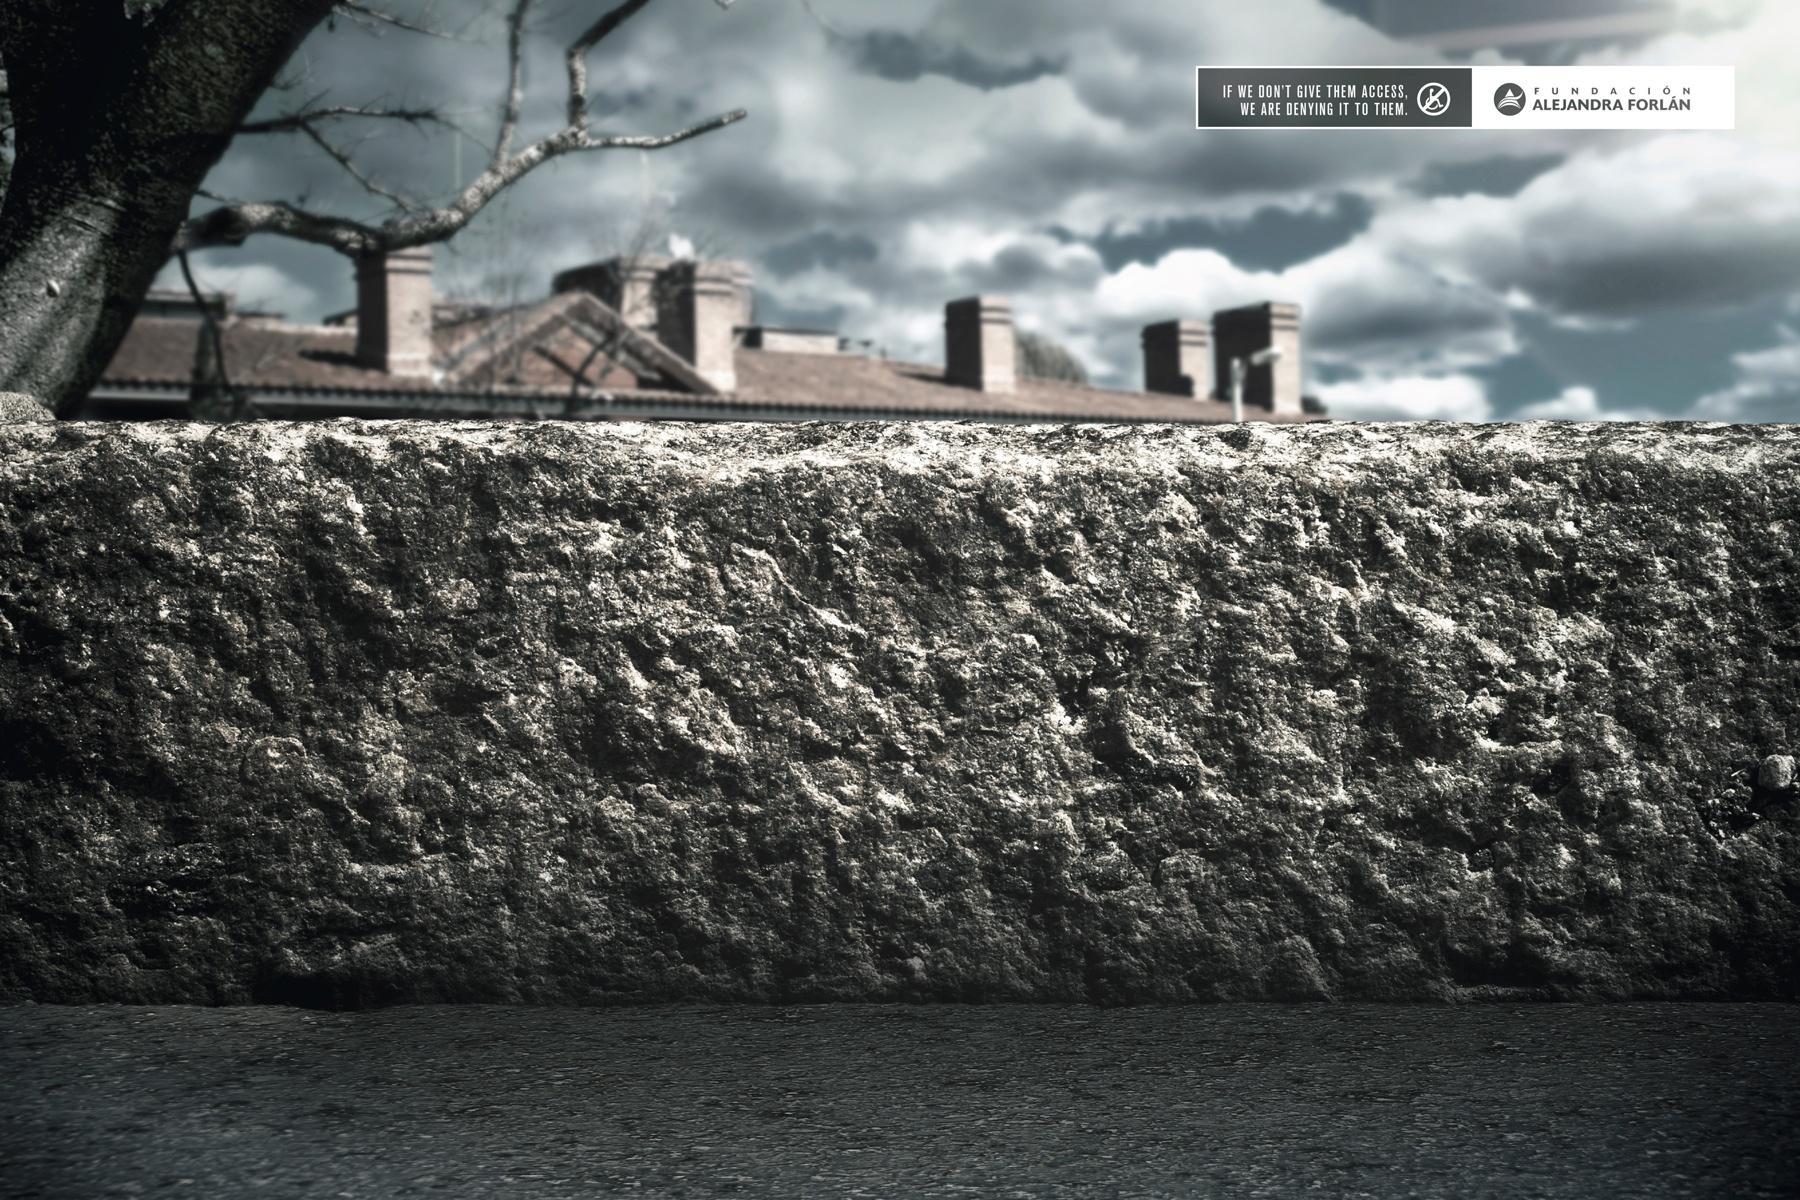 Fundación Alejandra Forlán Print Ad -  Sidewalk, 1